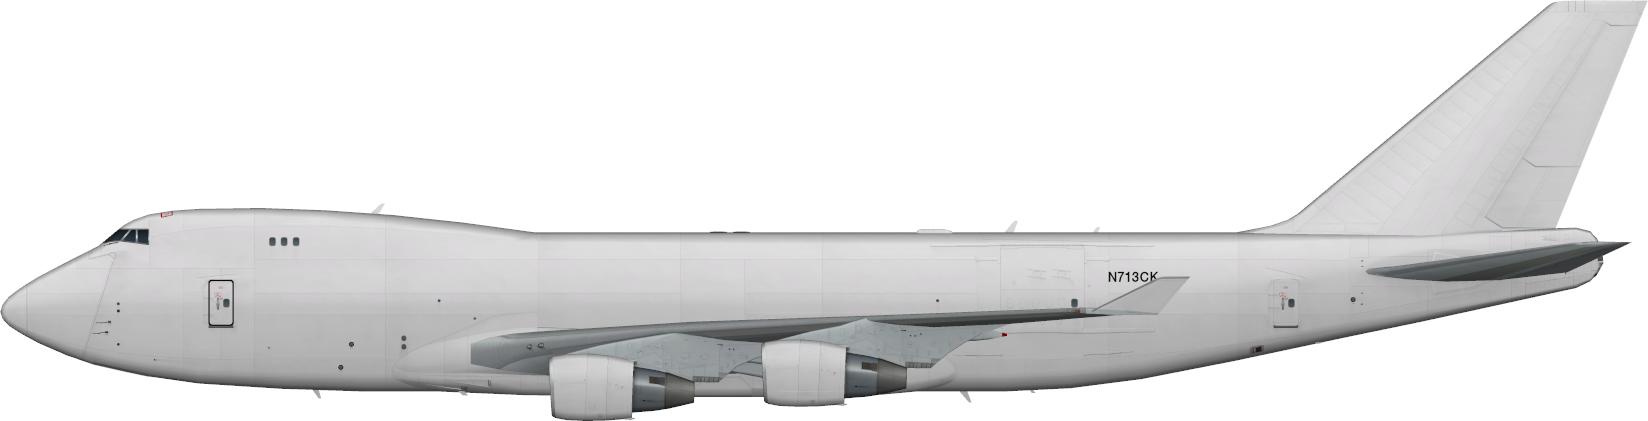 CKS N713CK